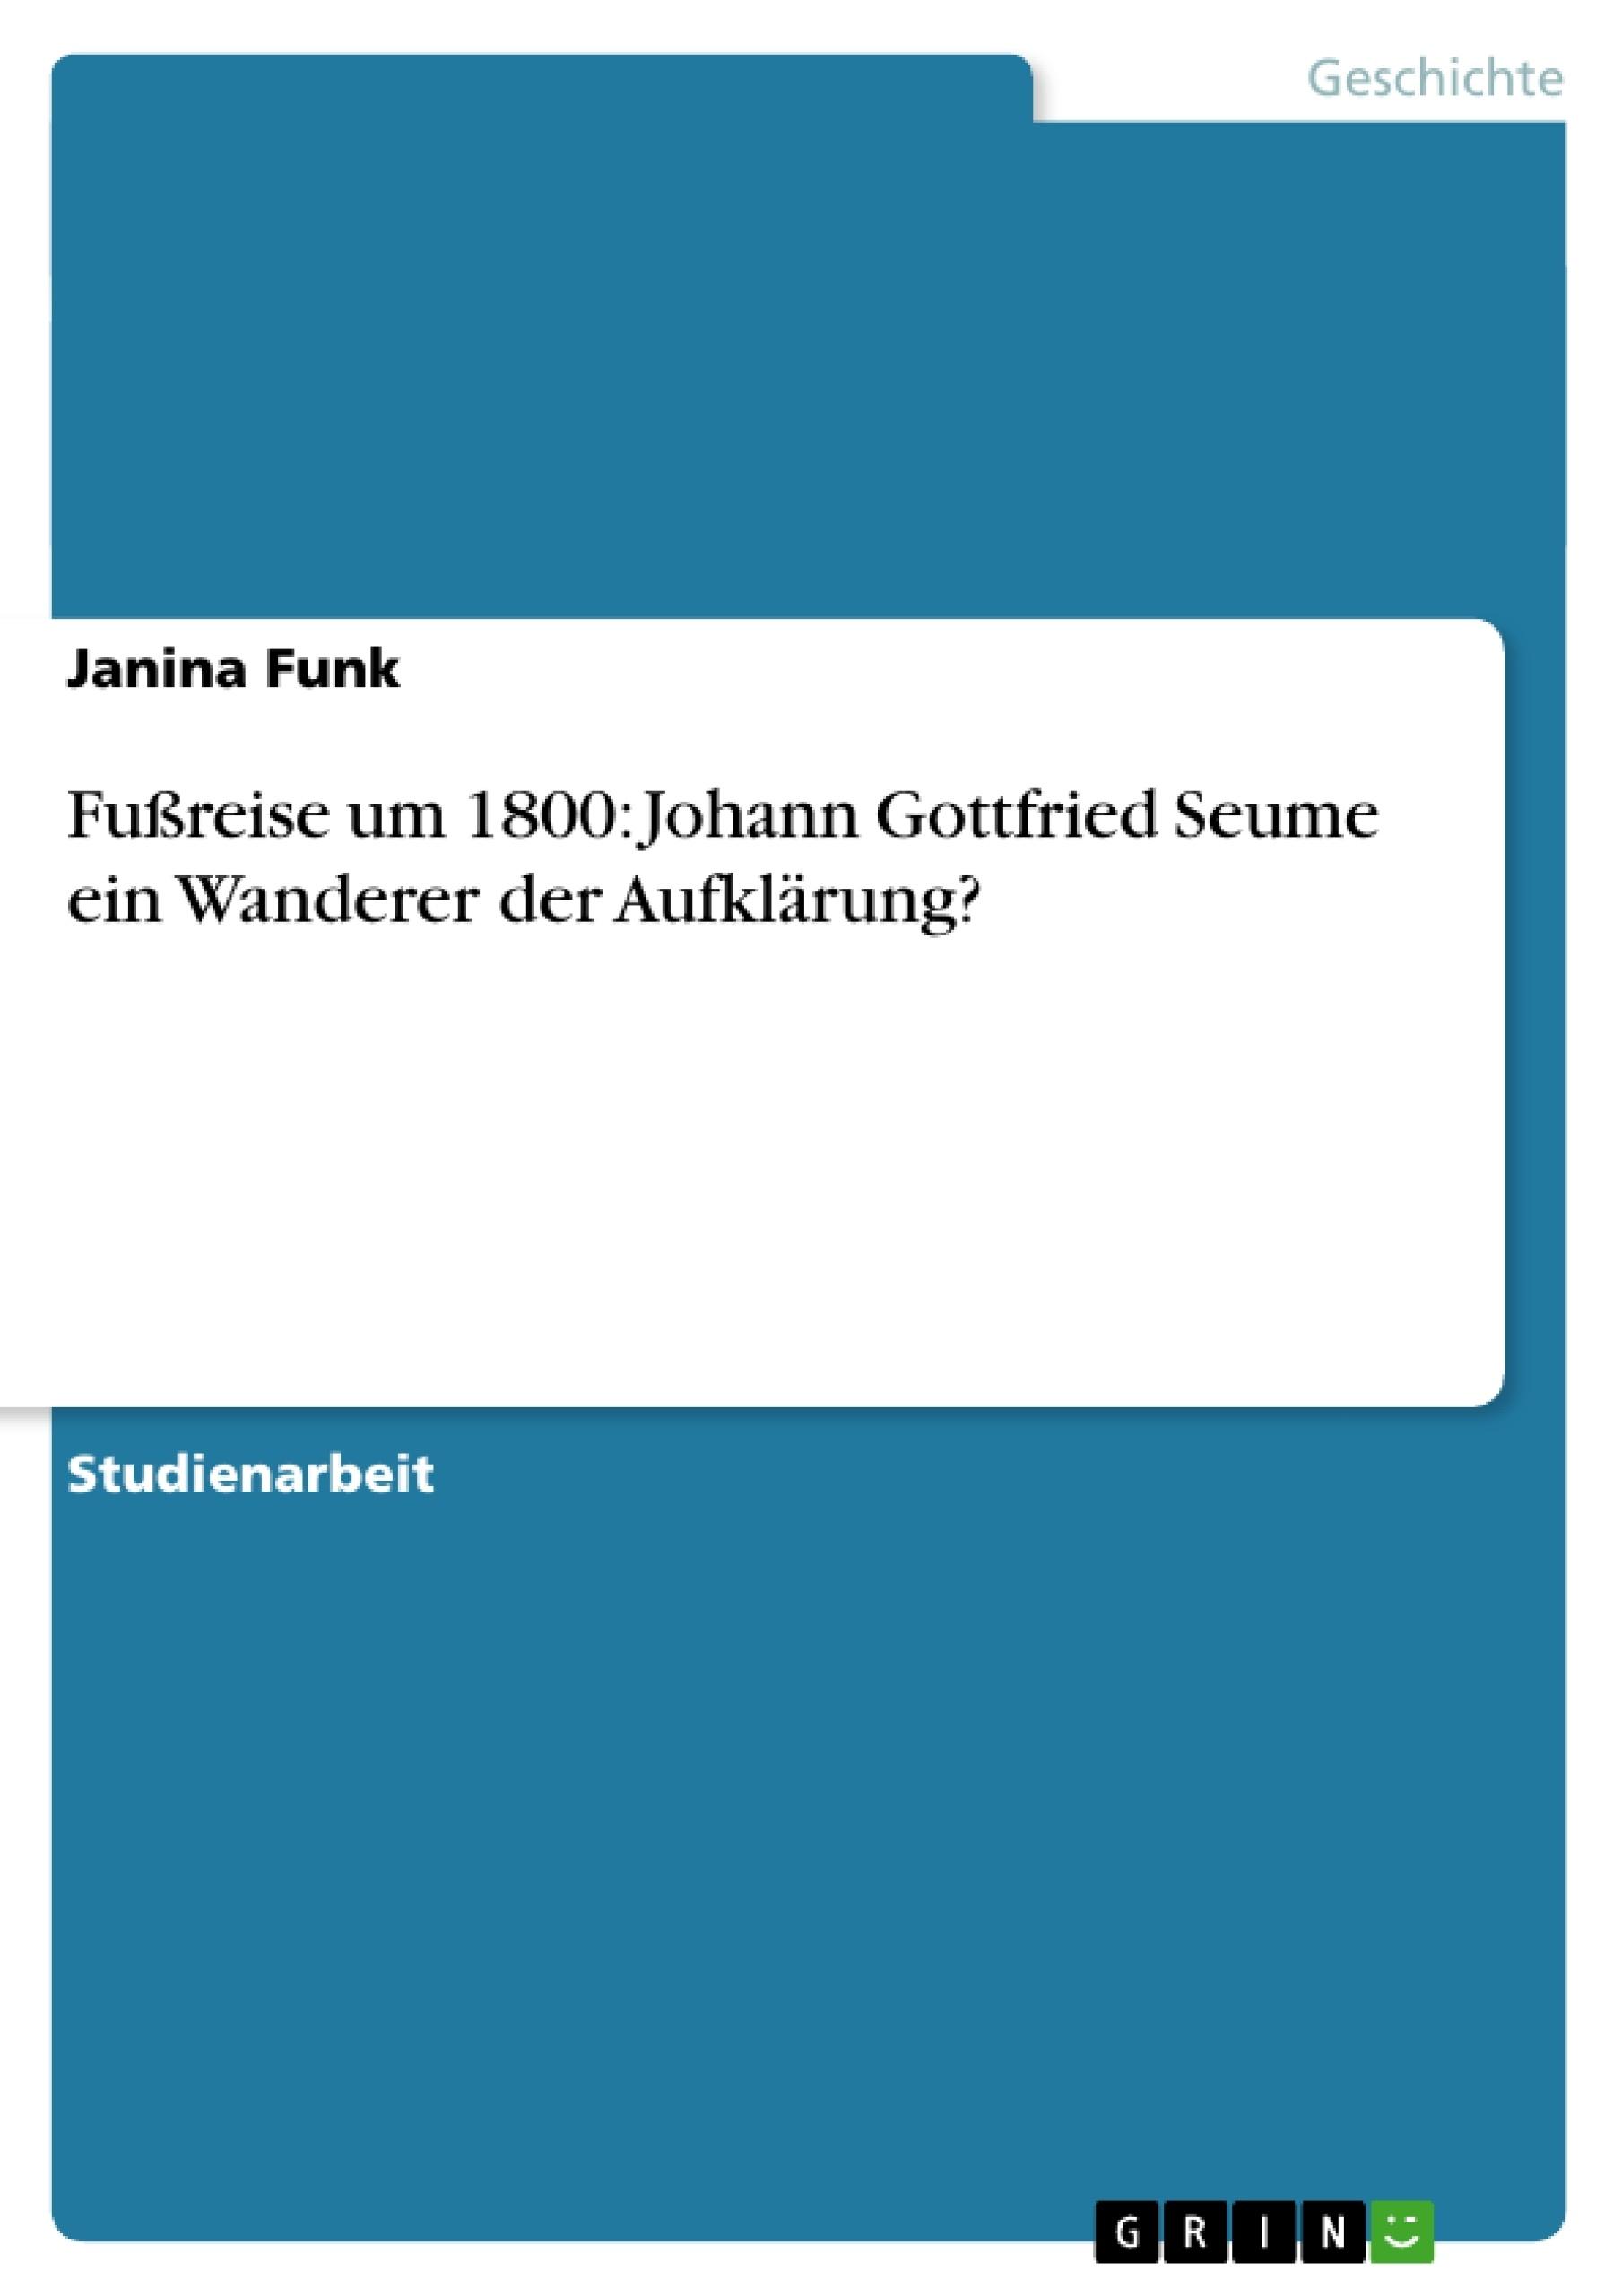 Titel: Fußreise um 1800: Johann Gottfried Seume ein Wanderer der Aufklärung?